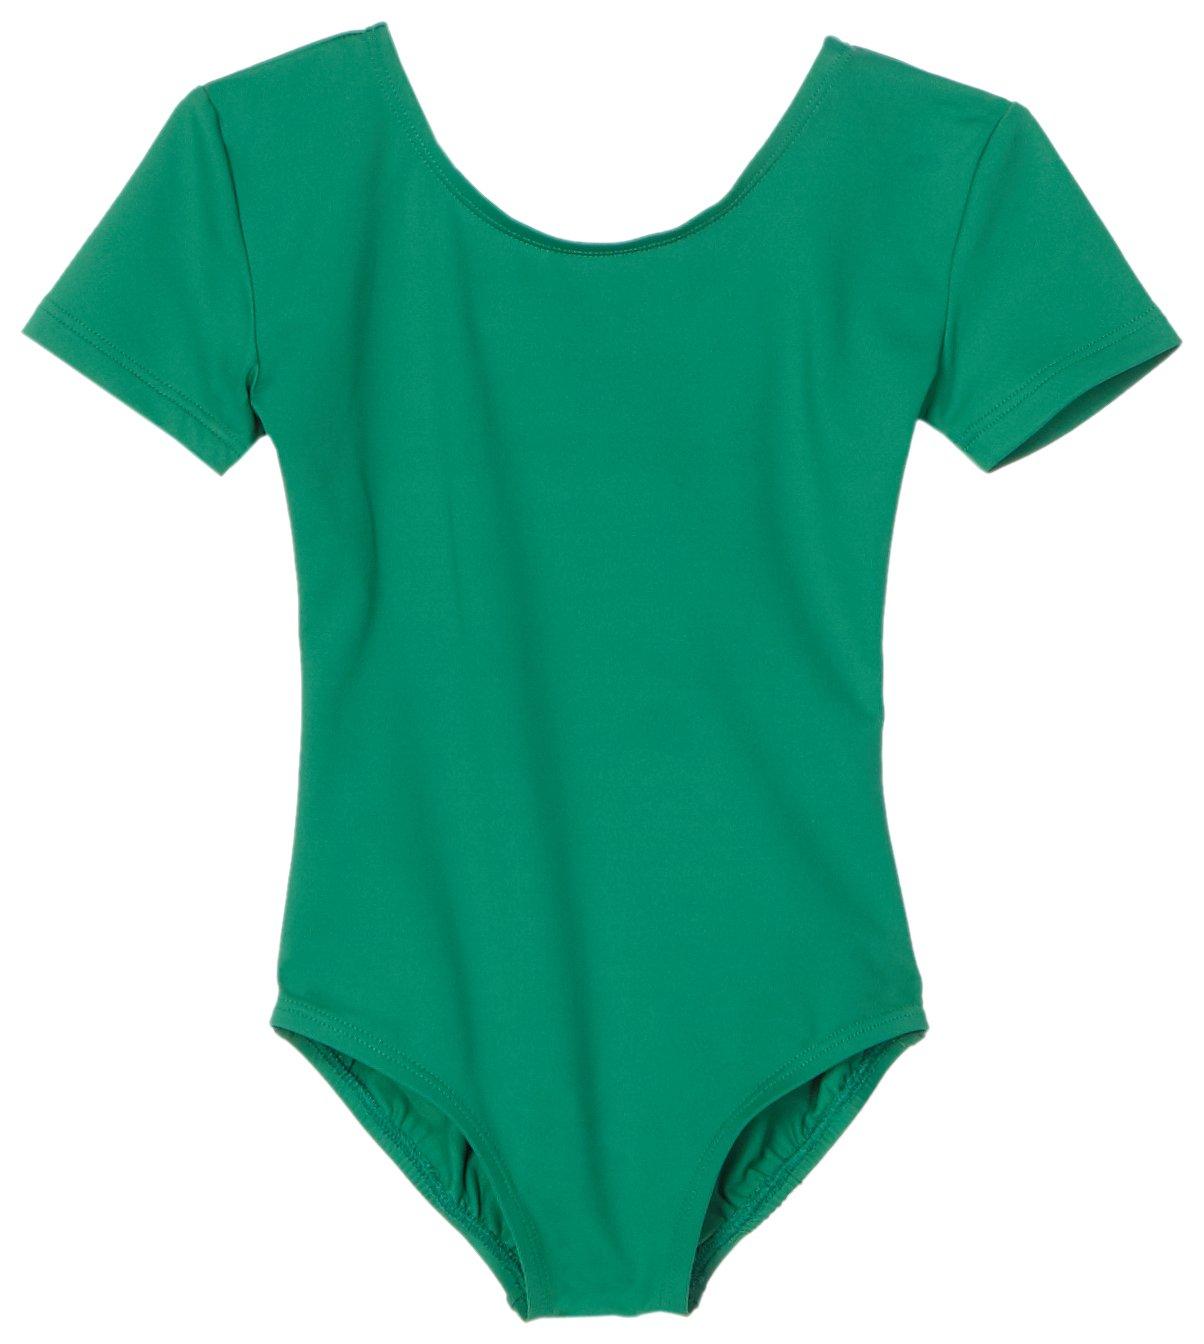 Danskin Little Girls' Short-Sleeve Leotard, Kelly Green, Toddler (2T-4T)